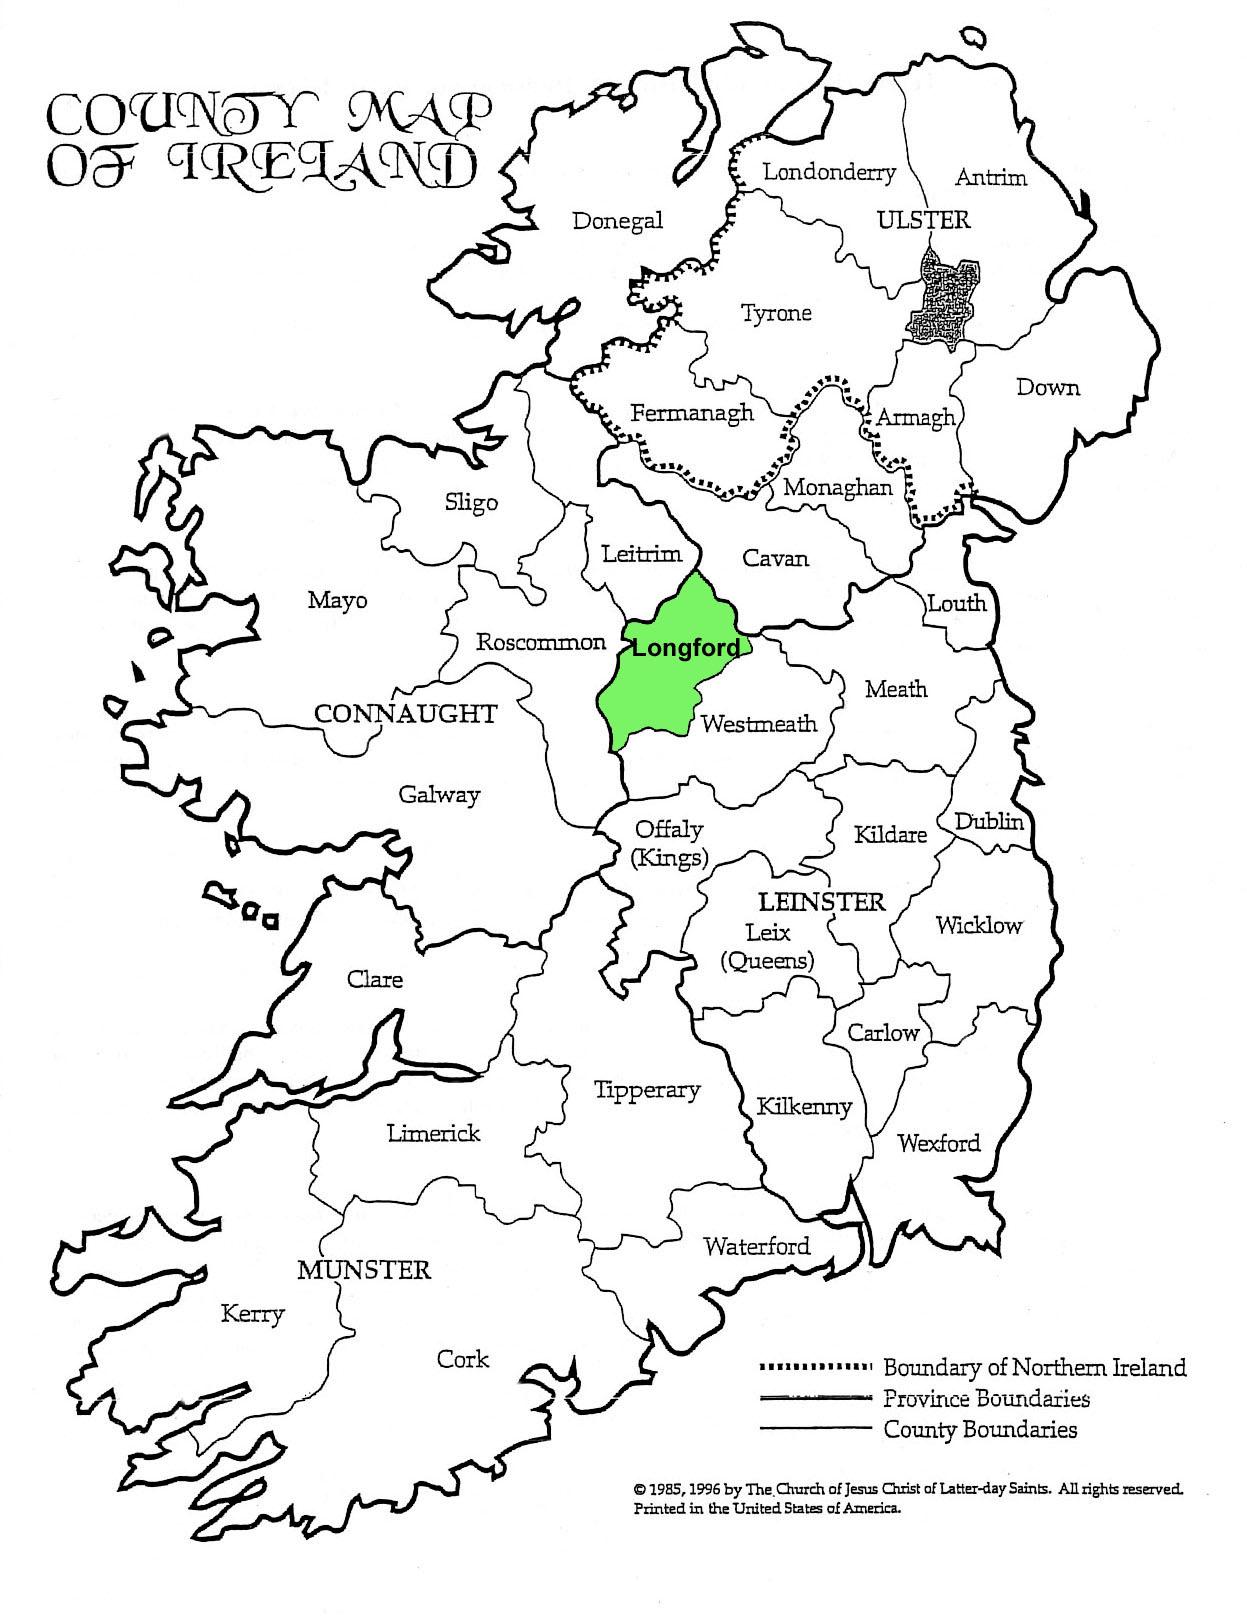 Le comté de Longford, au coeur de l'Irlande. Thomas Holland et Nancy Ann McLaughlin en sont originaires.